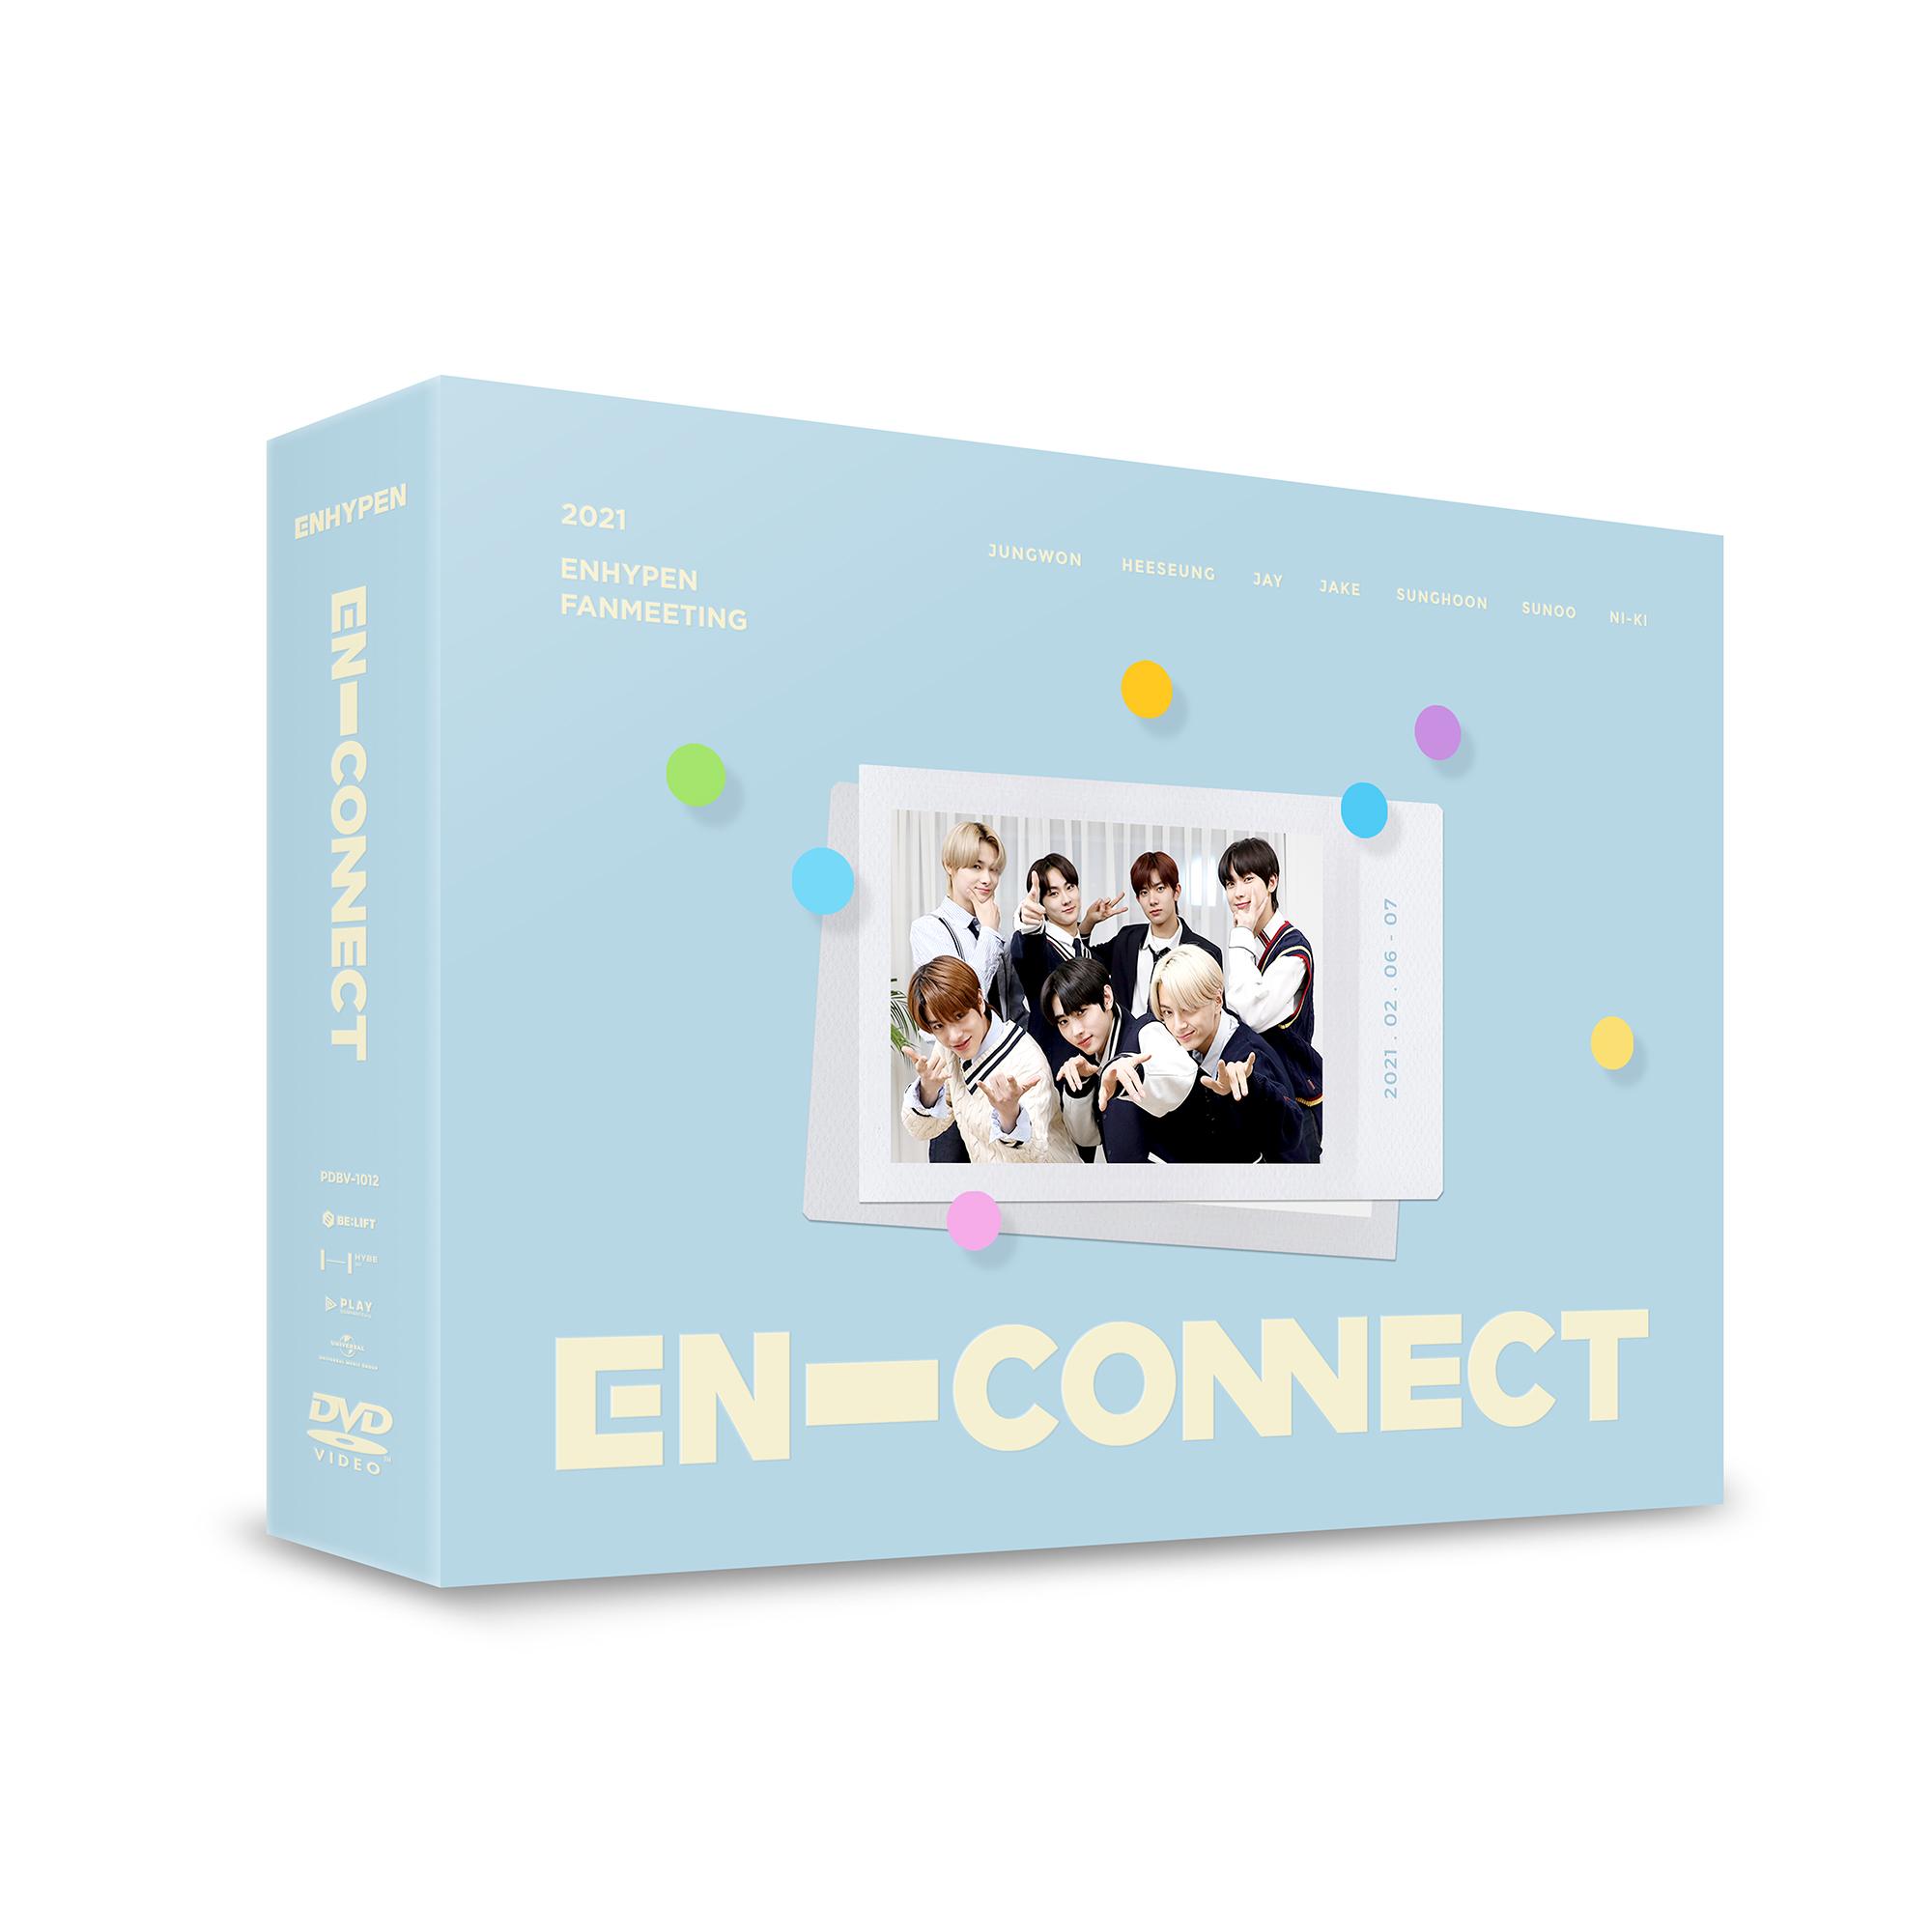 ENHYPEN_EN-CONNECT_DVD